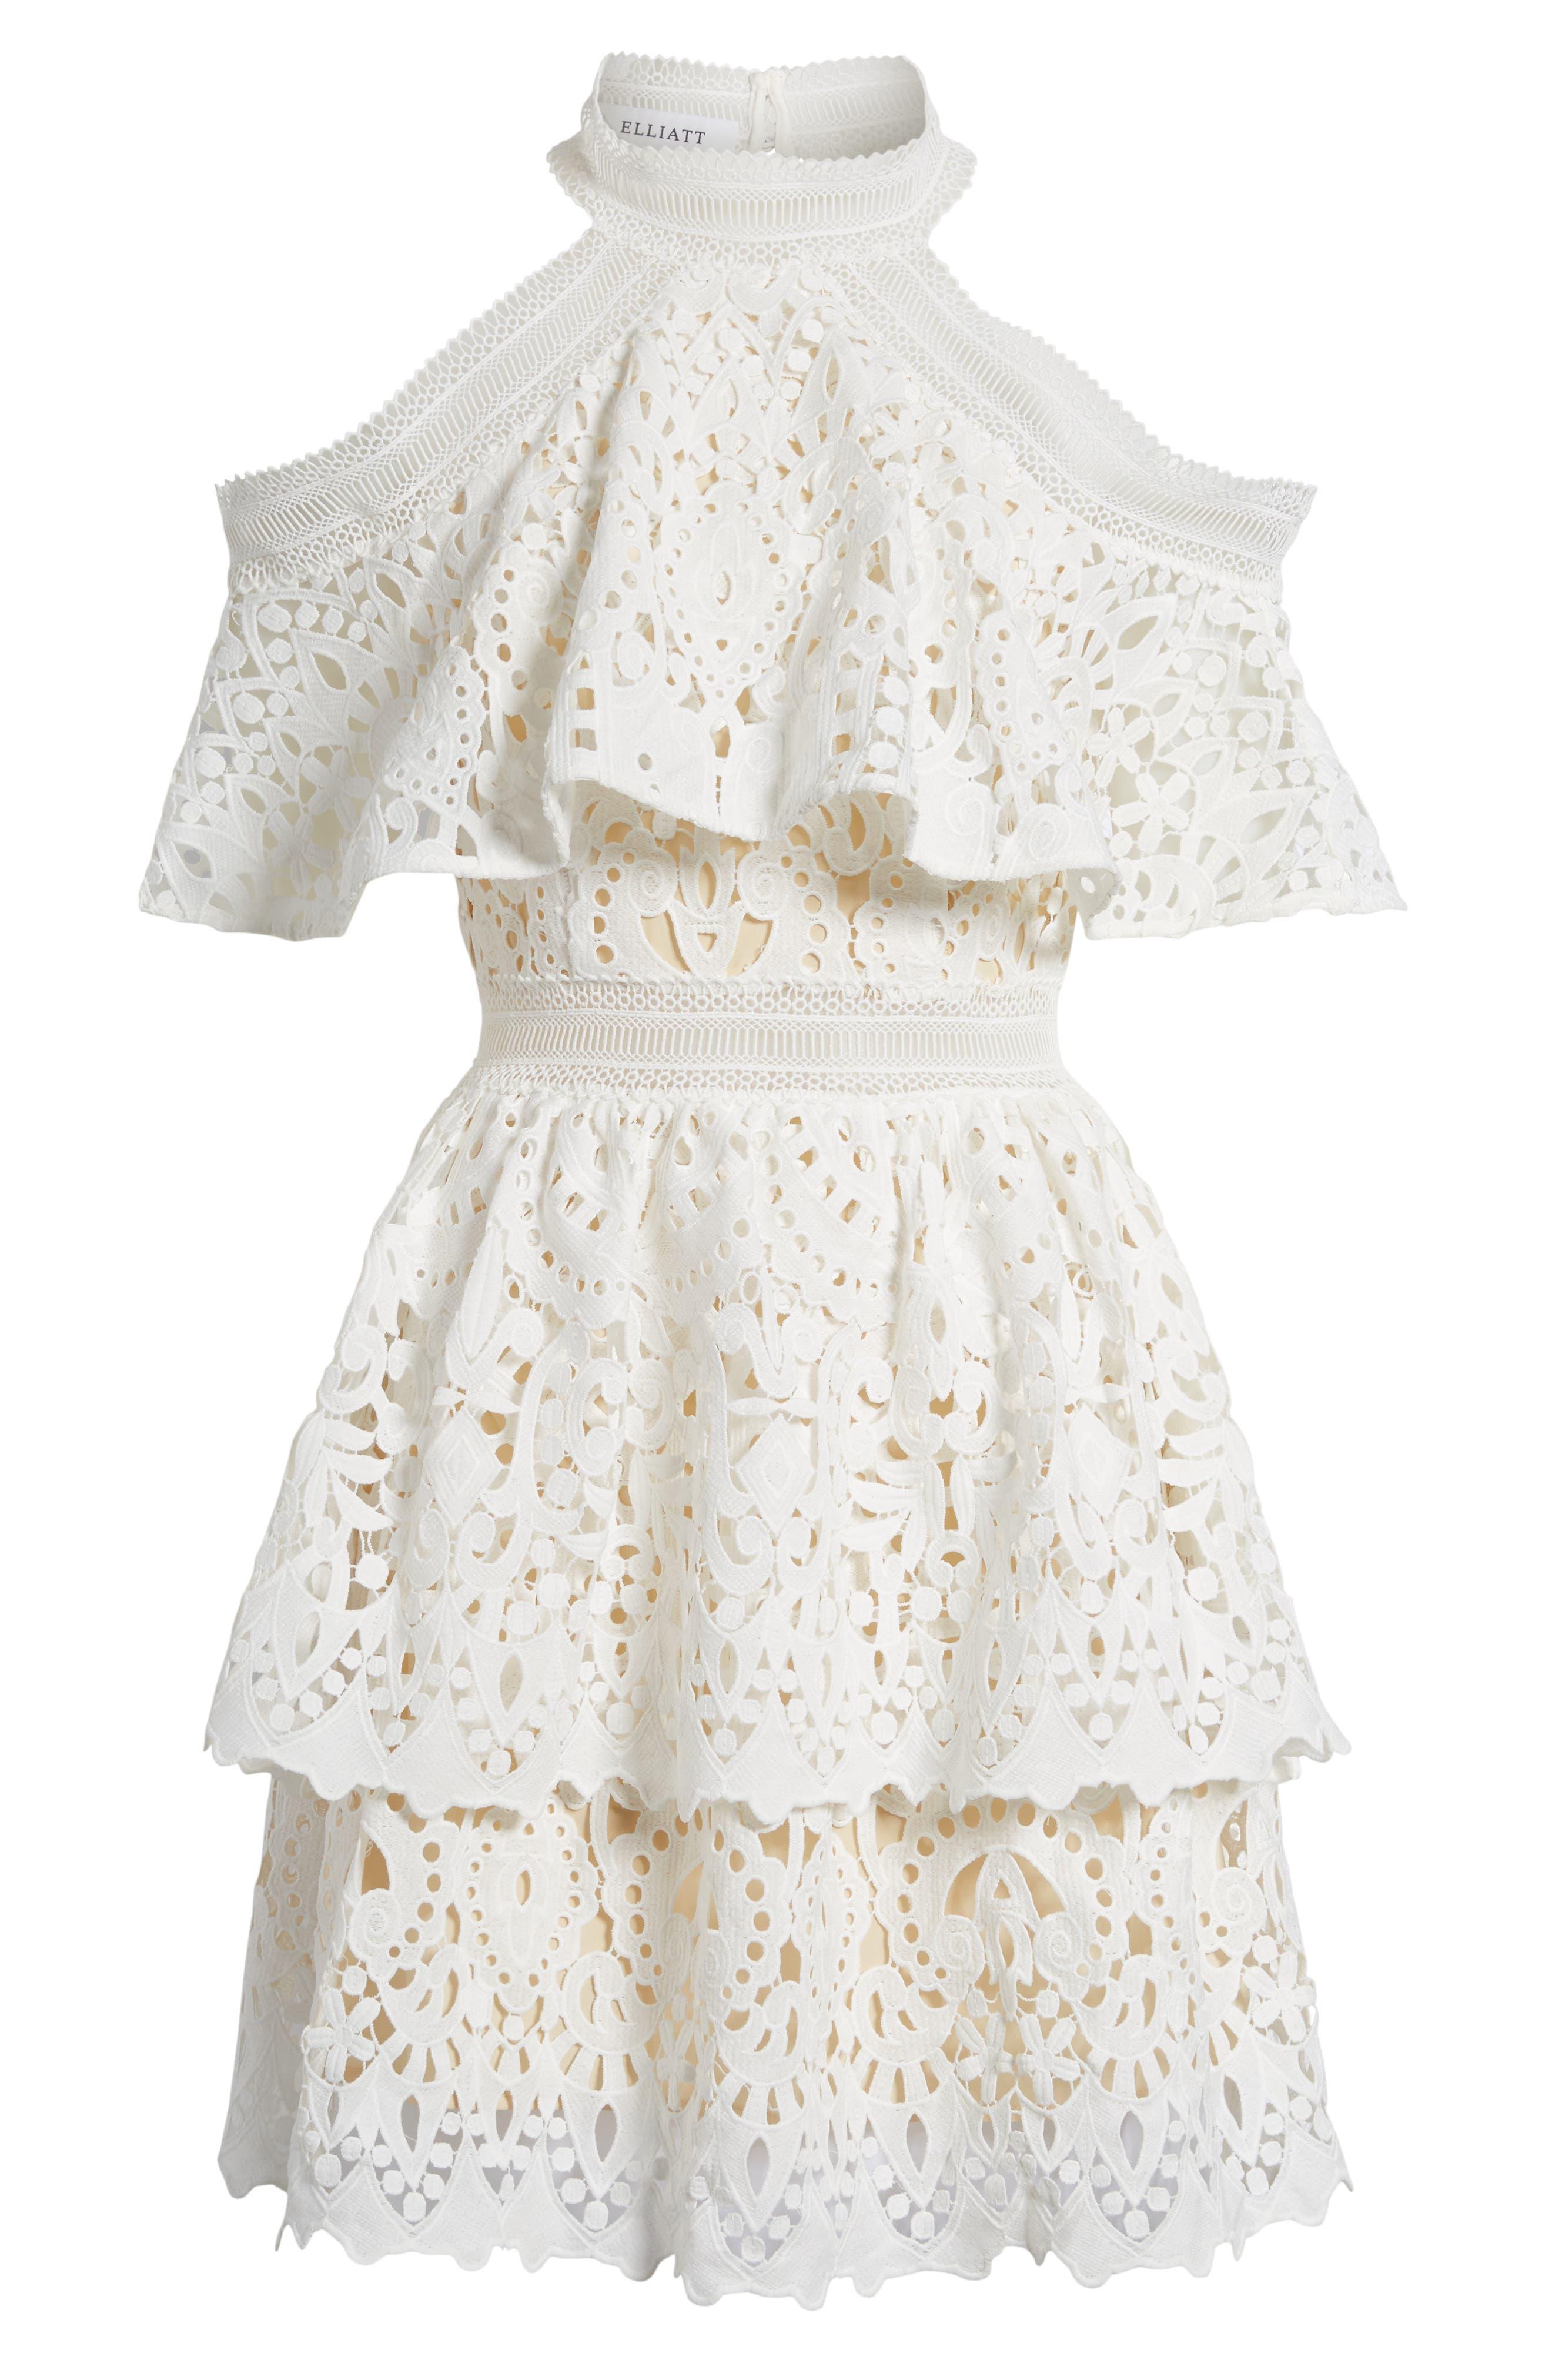 Saint Cloud Cold Shoulder Ruffle Dress,                             Alternate thumbnail 6, color,                             100